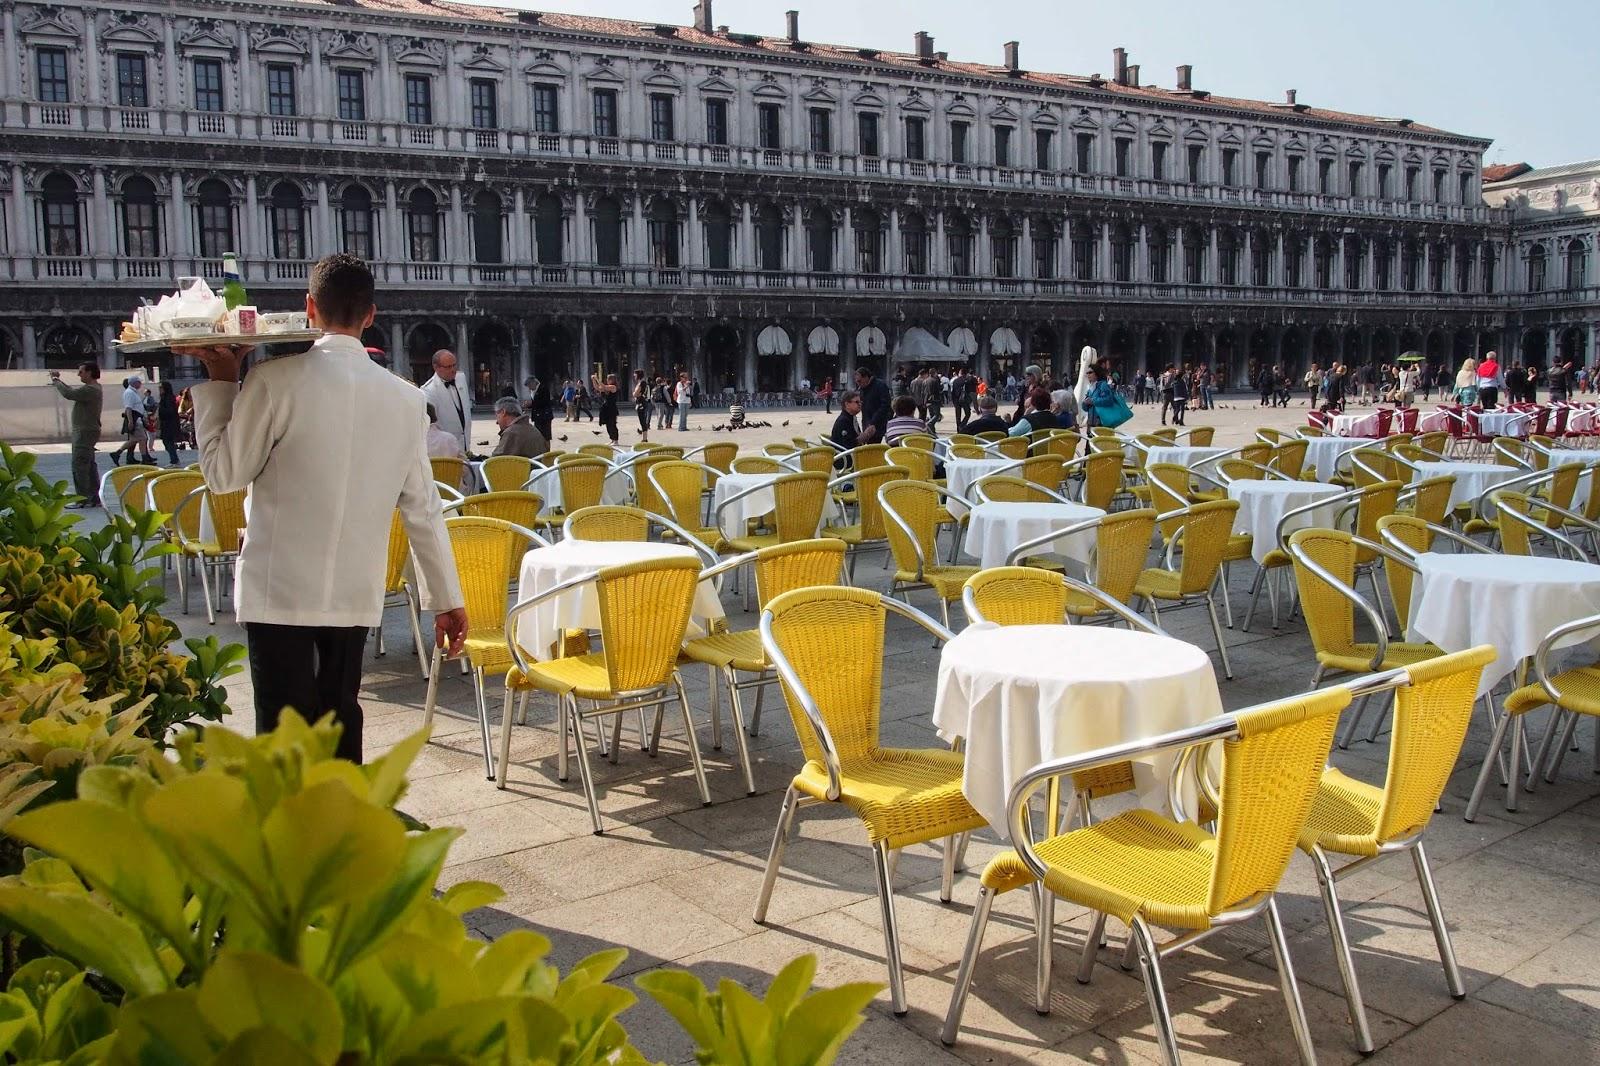 Два кофе и вода - 3300 рублей! Барыги Венеции продолжают доить туристов